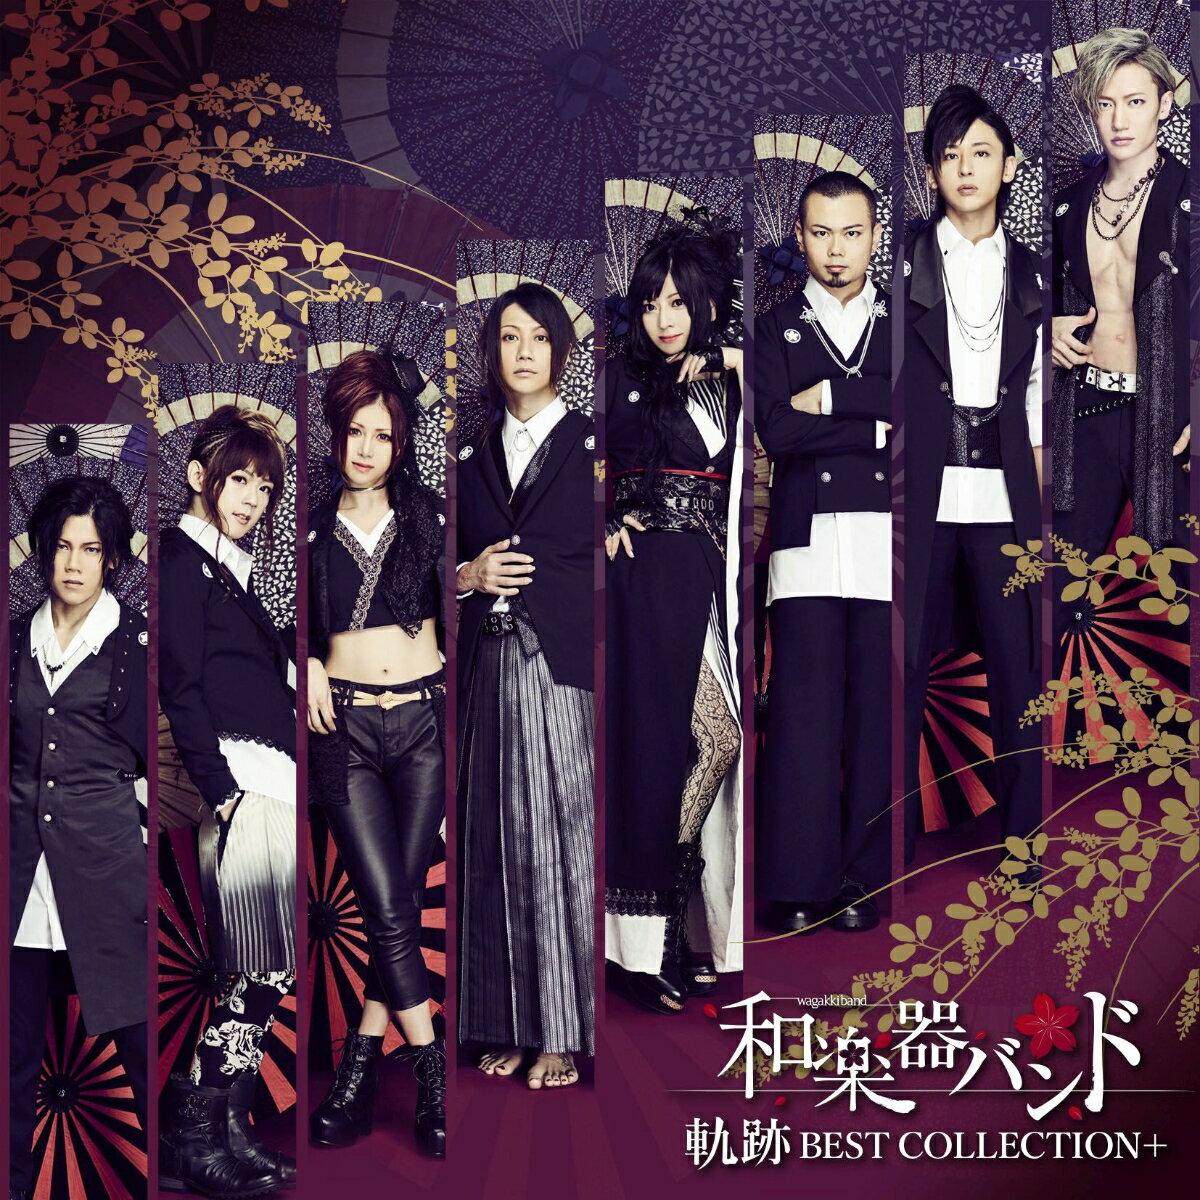 軌跡 BEST COLLECTION+ (LIVE盤 CD+Blu-ray+スマプラ) [ 和楽器バンド ]